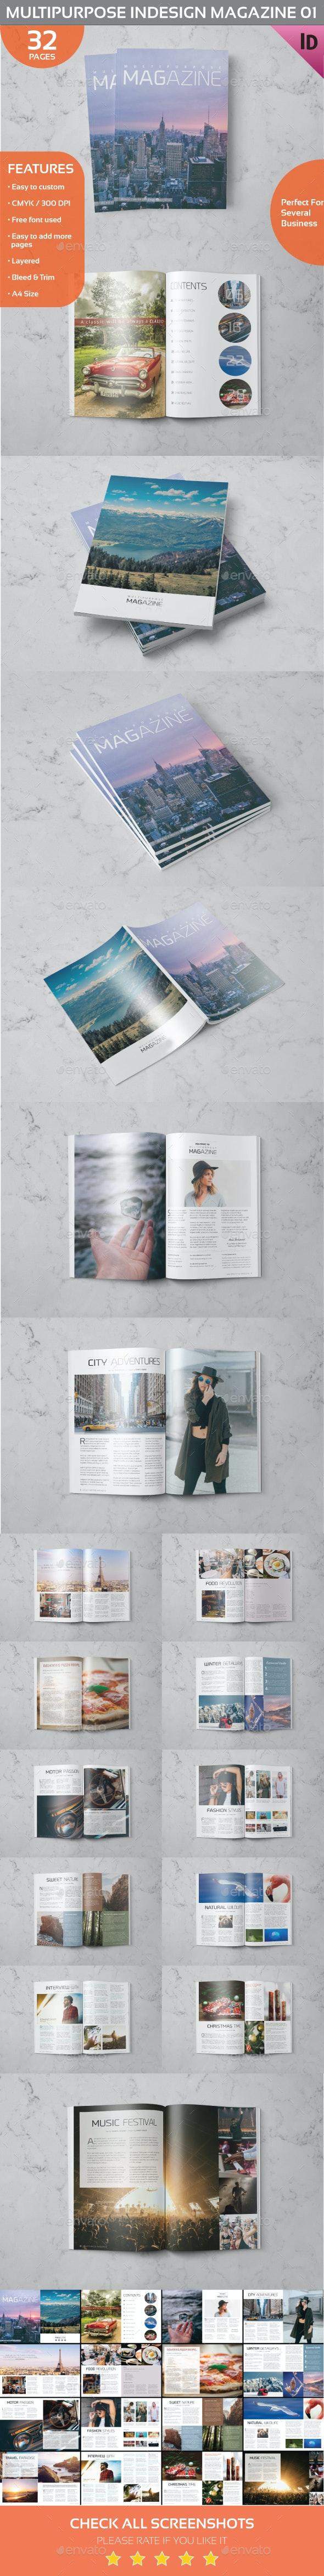 Multipurpose Indesign Magazine 01 - Magazines Print Templates